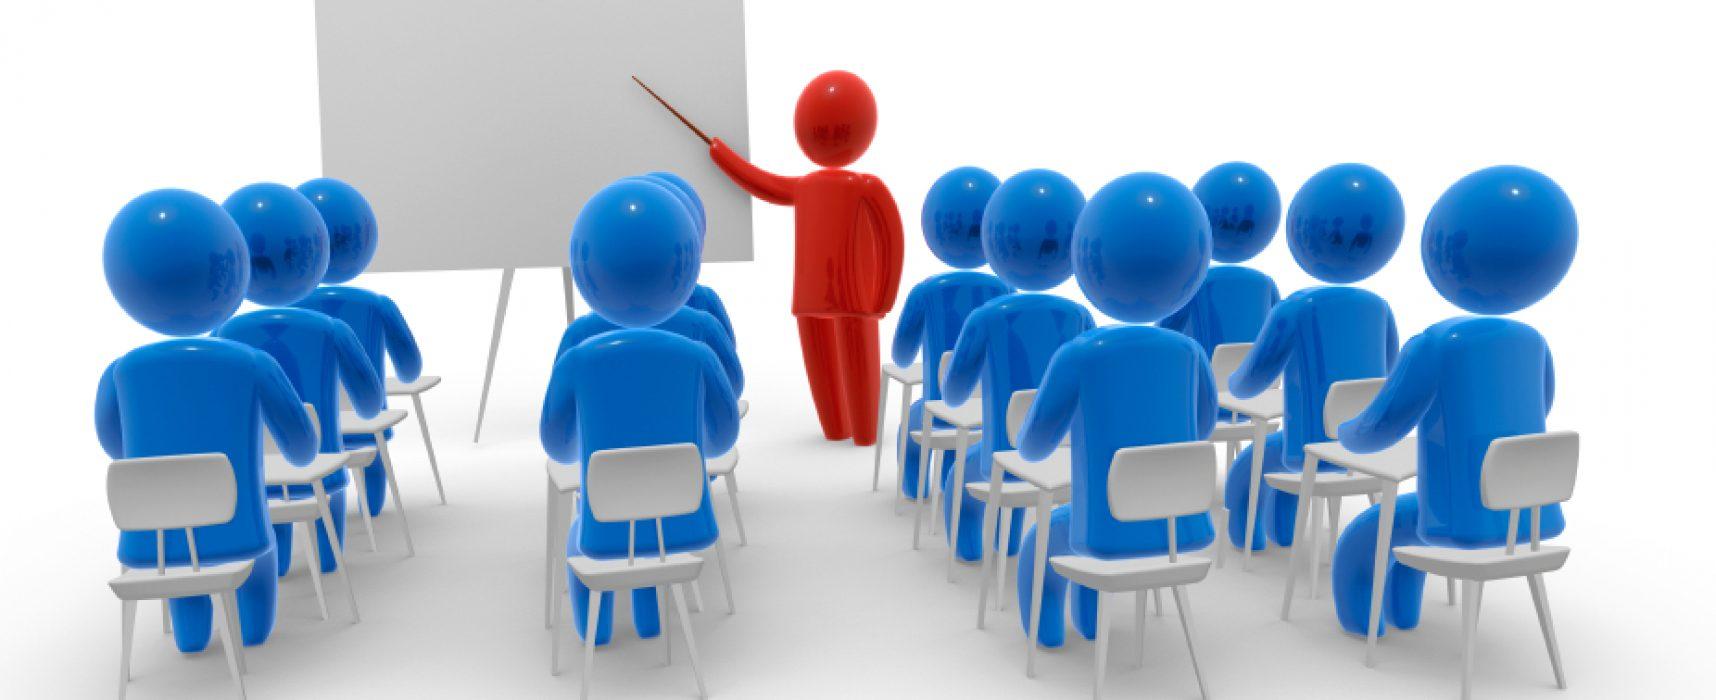 Ενημέρωση για εκδήλωση ενδιαφέροντος για άδεια εισόδου σε Σχολεία ενημέρωση για την Τοξοβολία